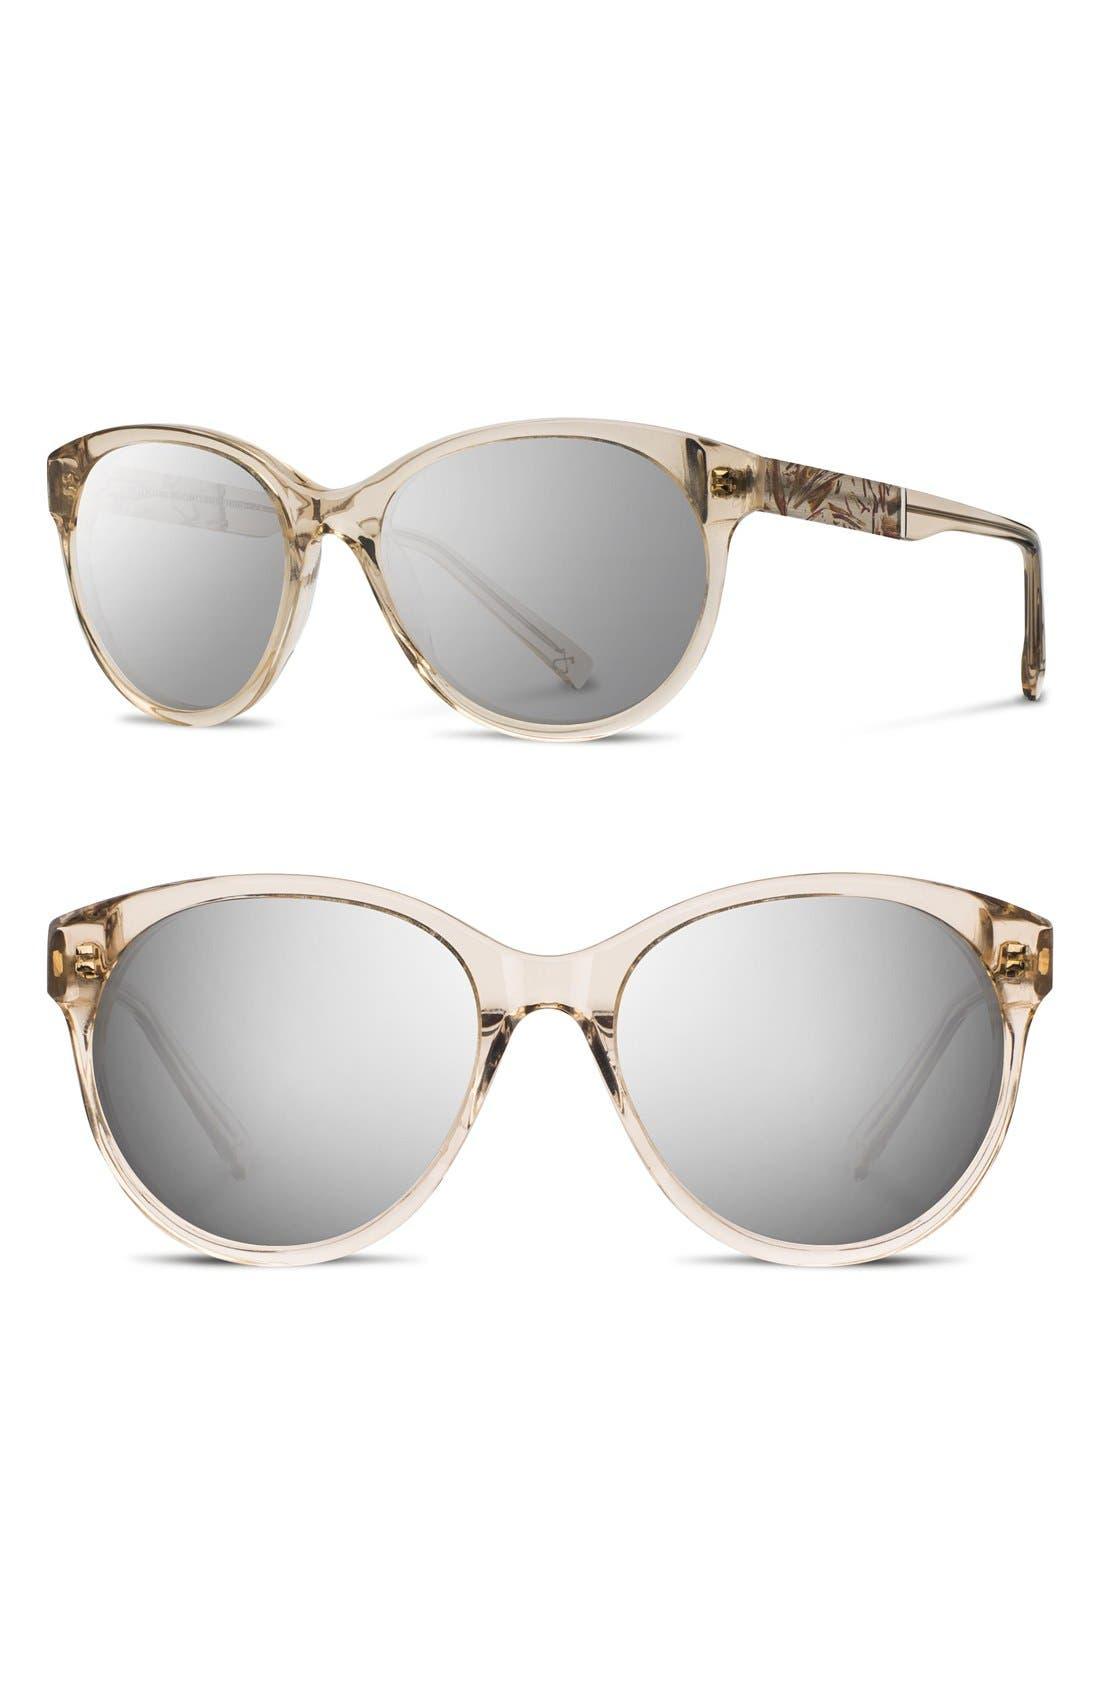 Alternate Image 1 Selected - Shwood 'Madison Flower' 54mm Polarized Round Sunglasses